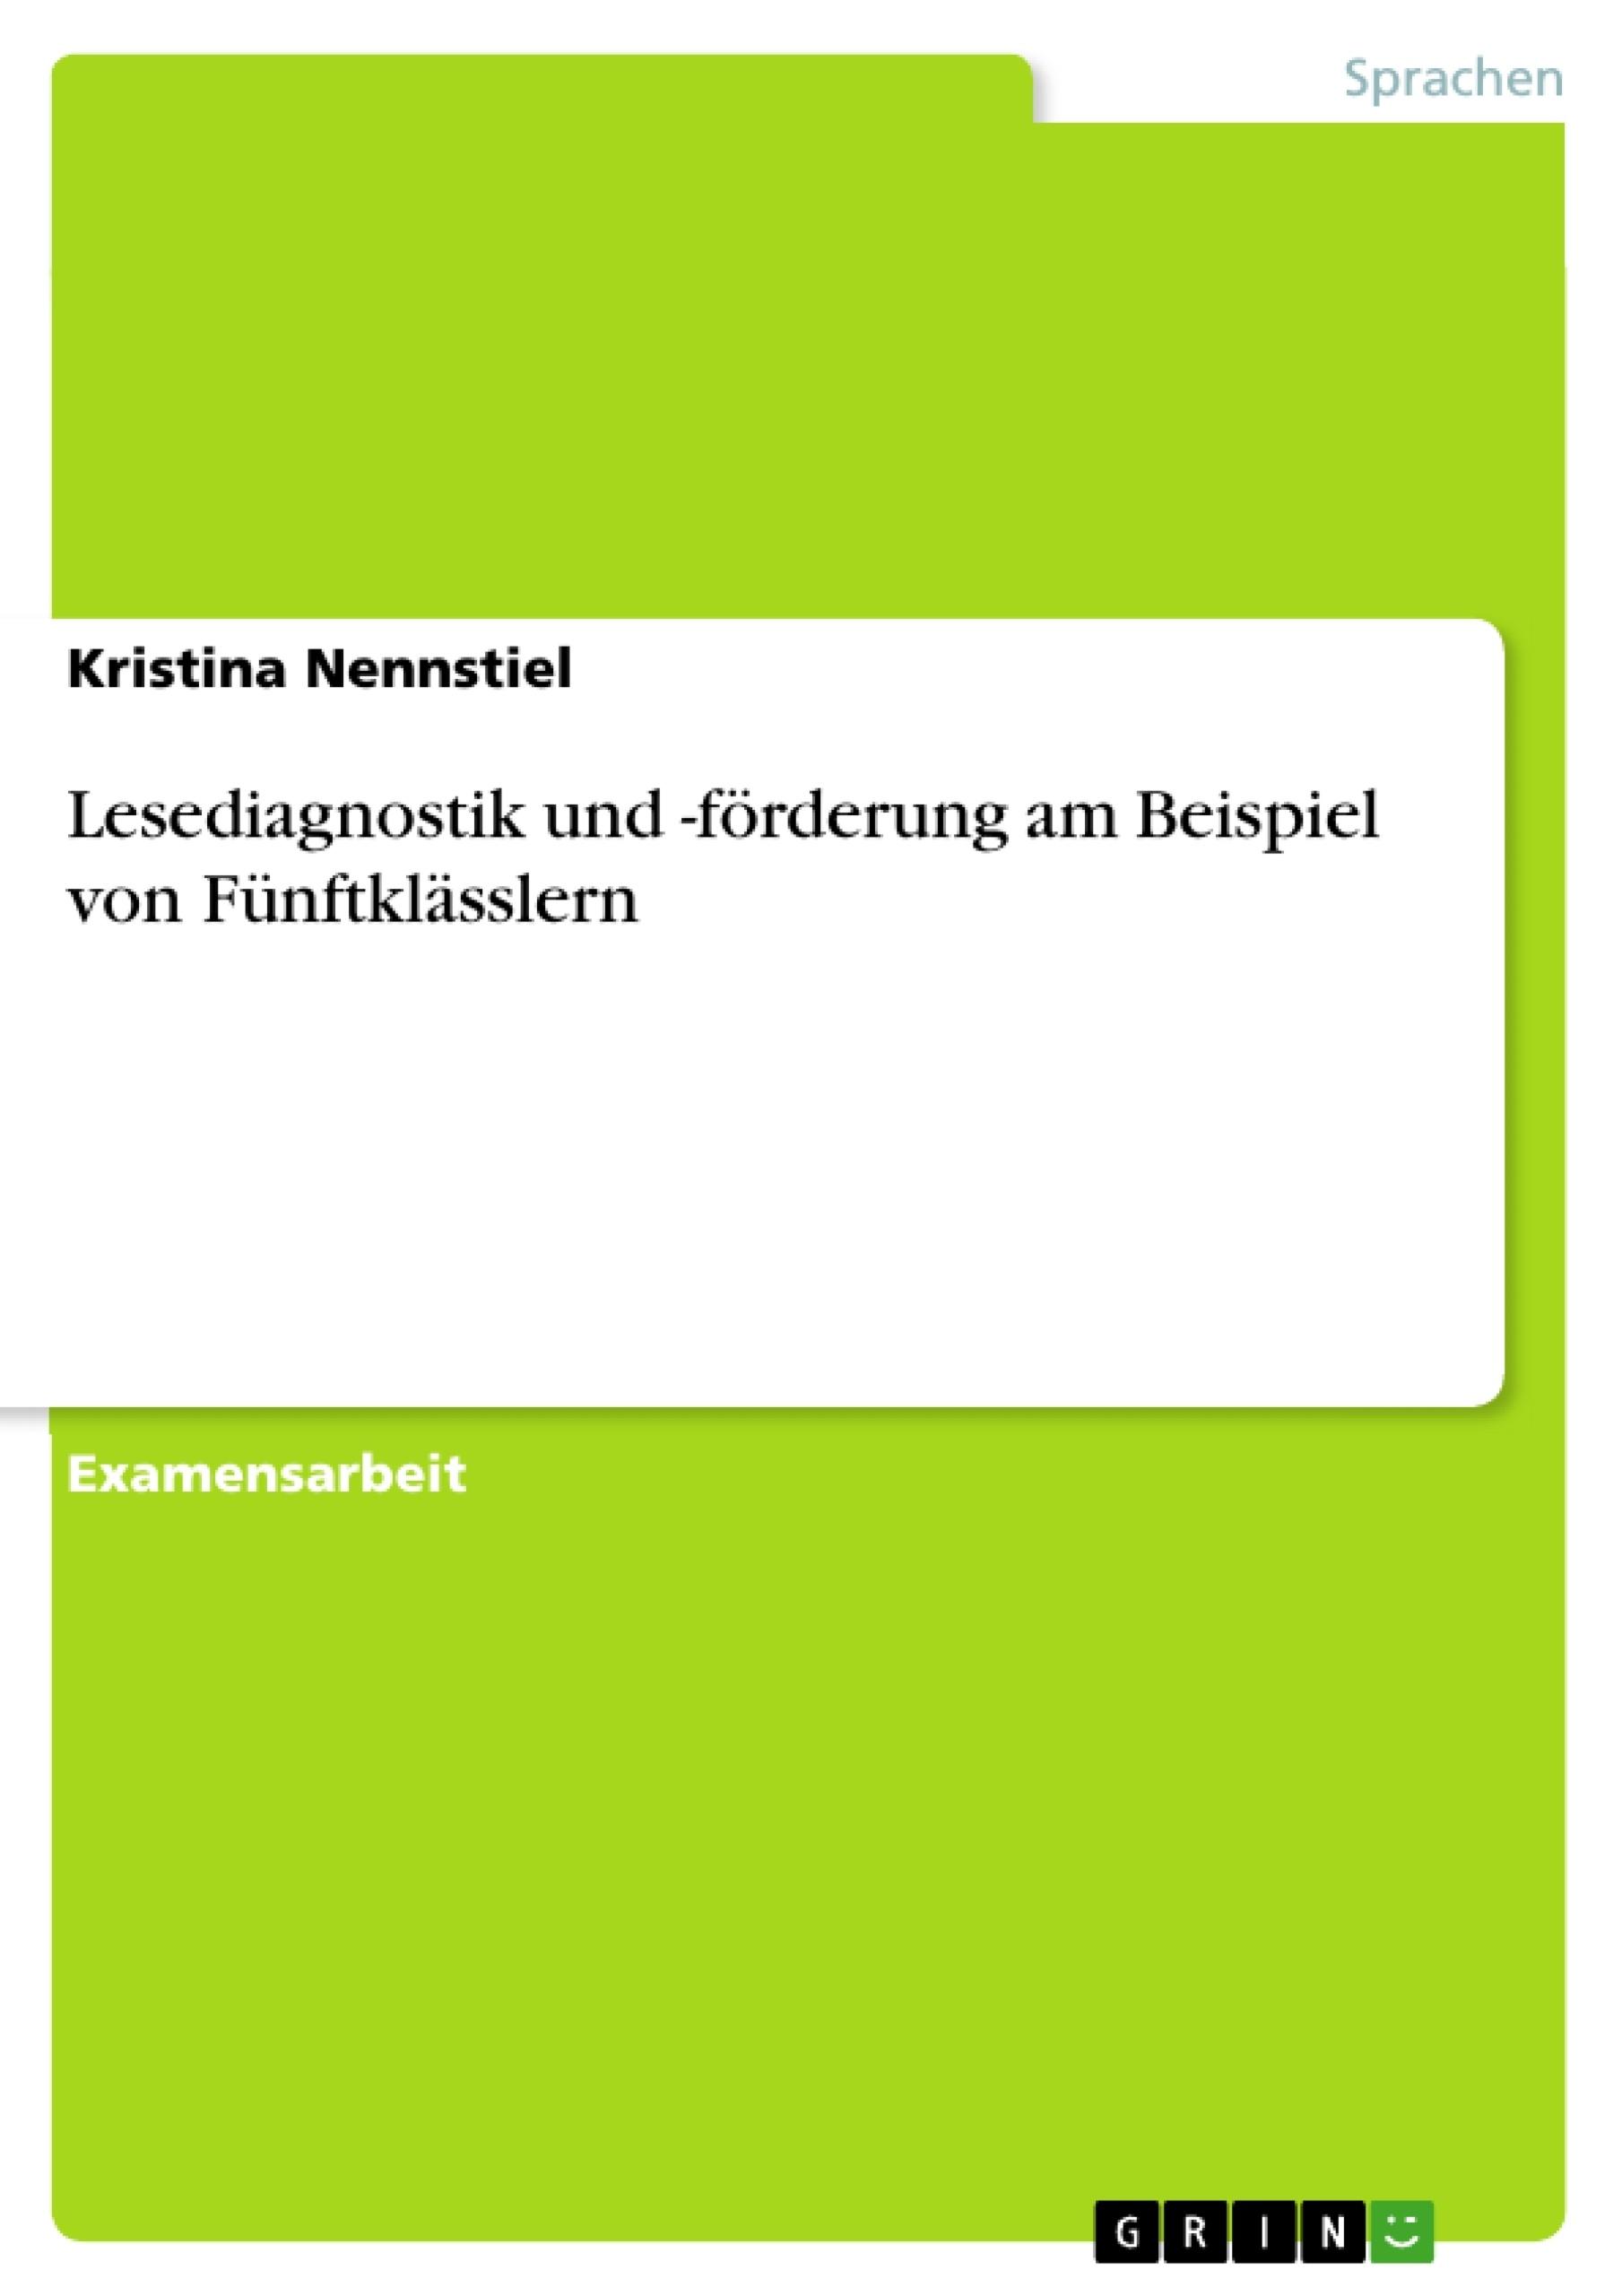 Titel: Lesediagnostik und -förderung am Beispiel von Fünftklässlern